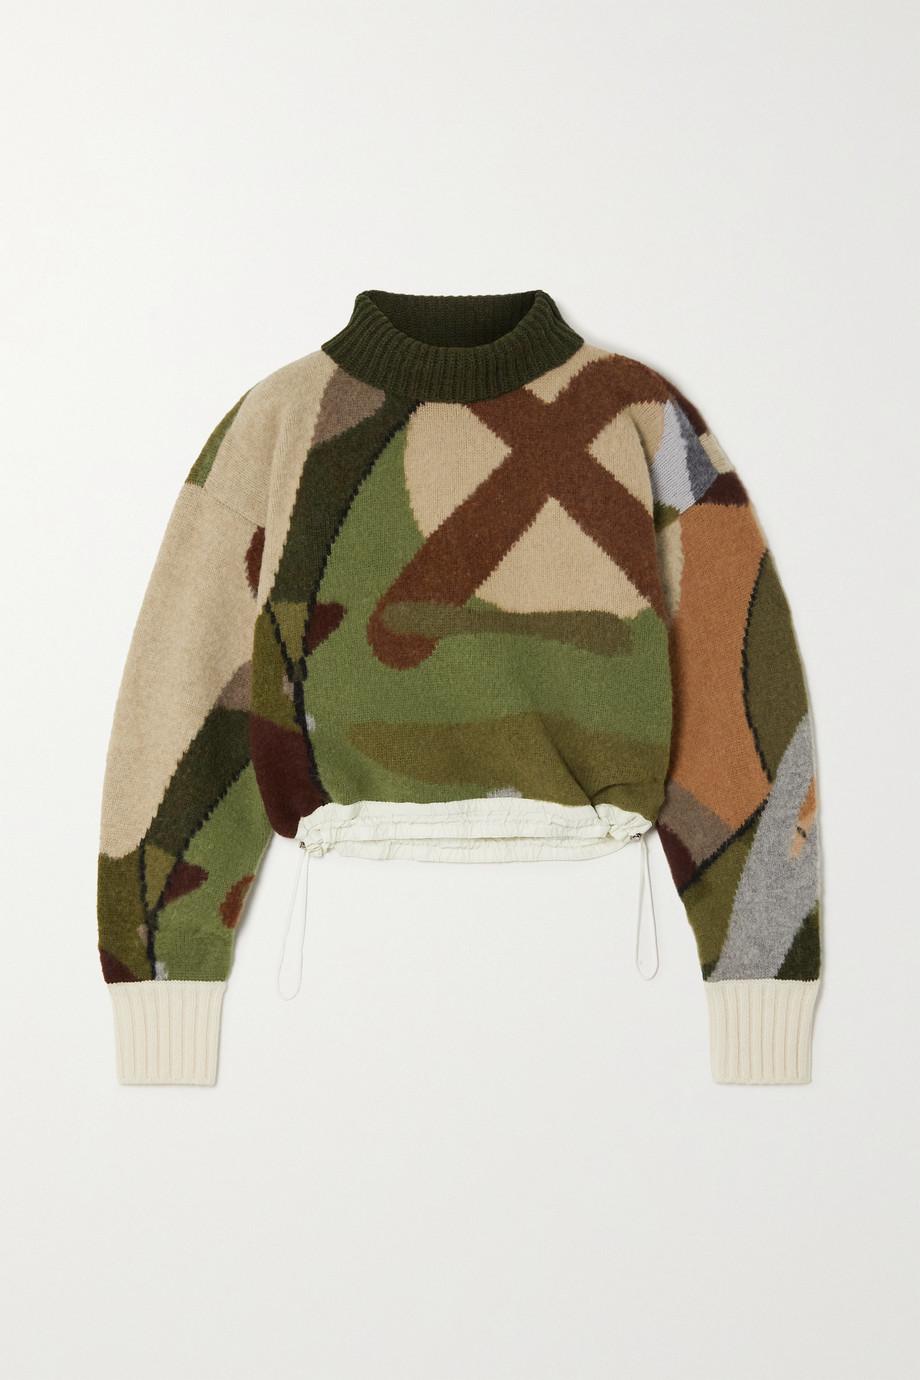 Sacai Pull raccourci à col roulé en laine jacquard à finitions en tissu technique x KAWS